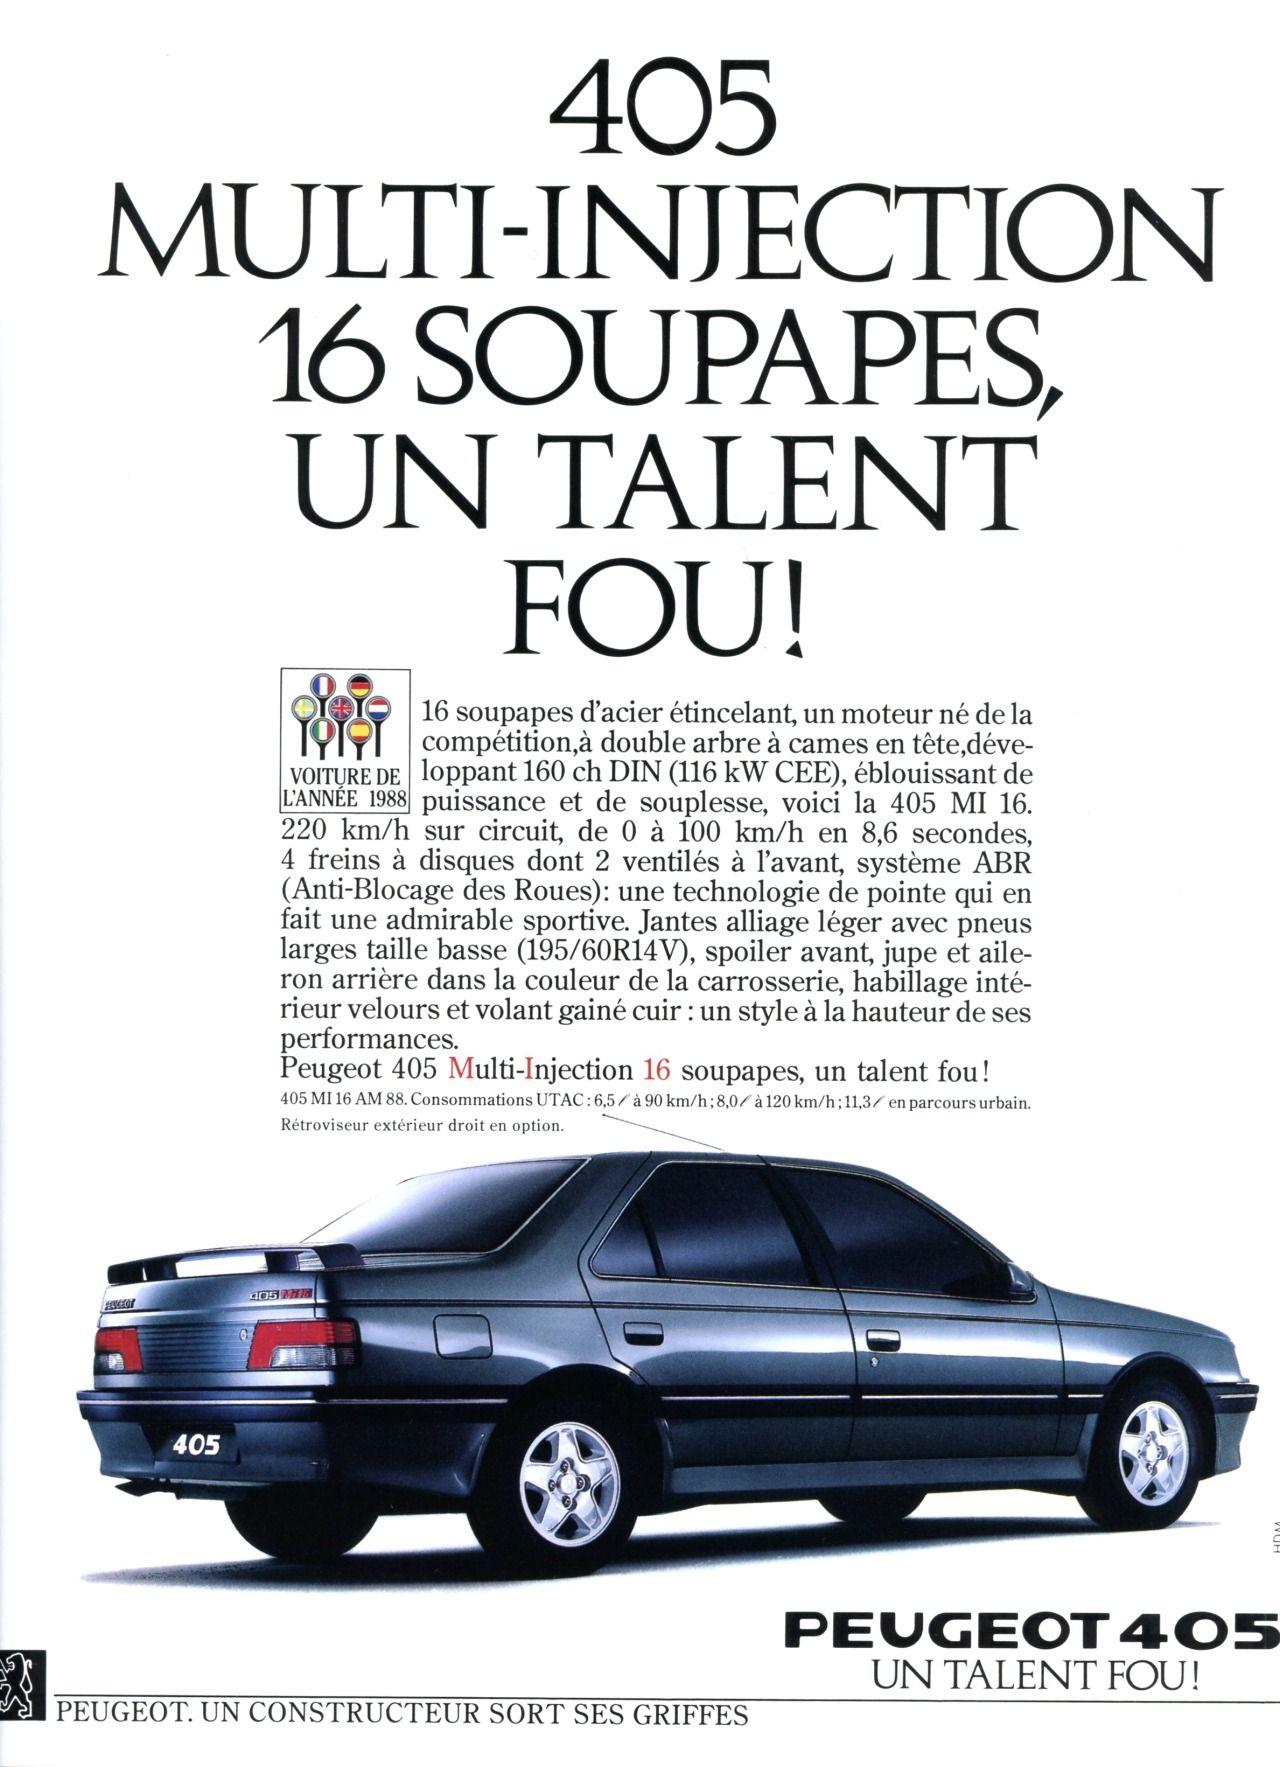 Publicité Peugeot - Automobiles Classiques juin / juillet 1986.